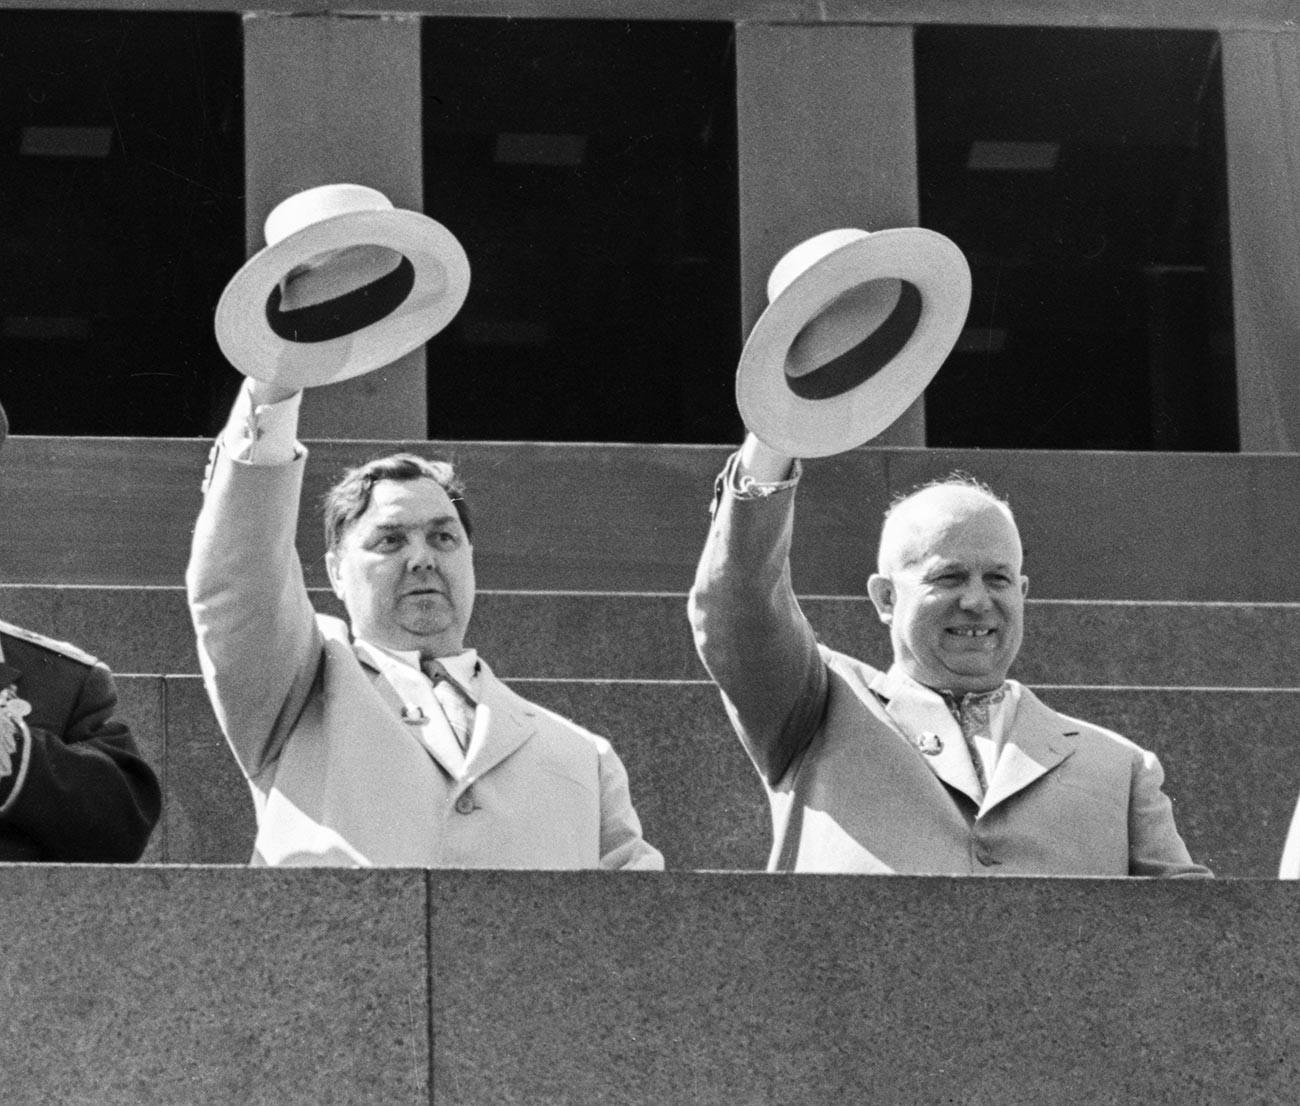 メーデー記念パレードでレーニン廟の上に観衆を歓迎するゲオルギー・マレンコフとニキータ・フルシチョフ